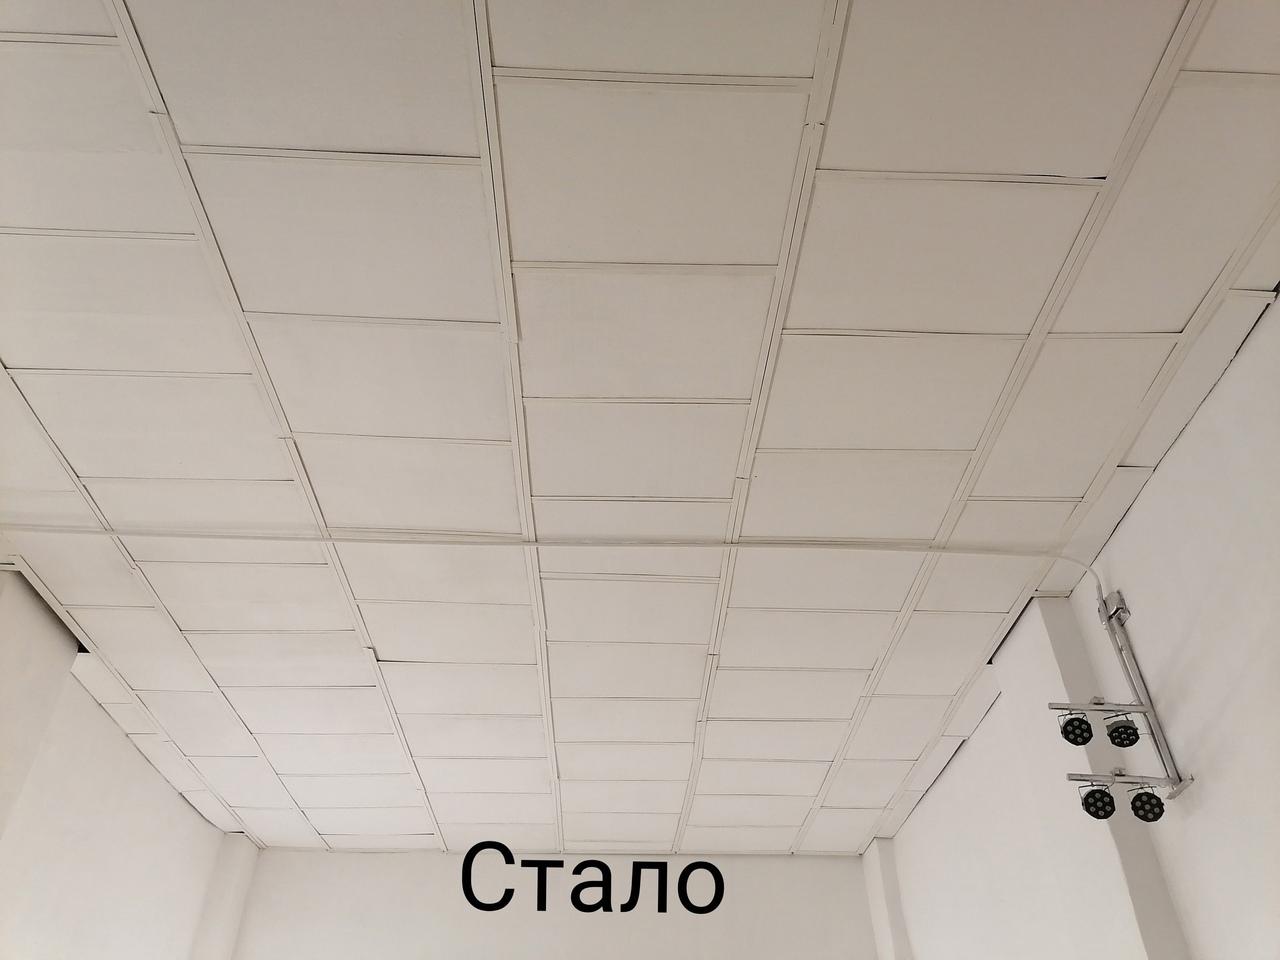 ⚒Завершается ремонт Староберезнякского СДК, который реализуется в